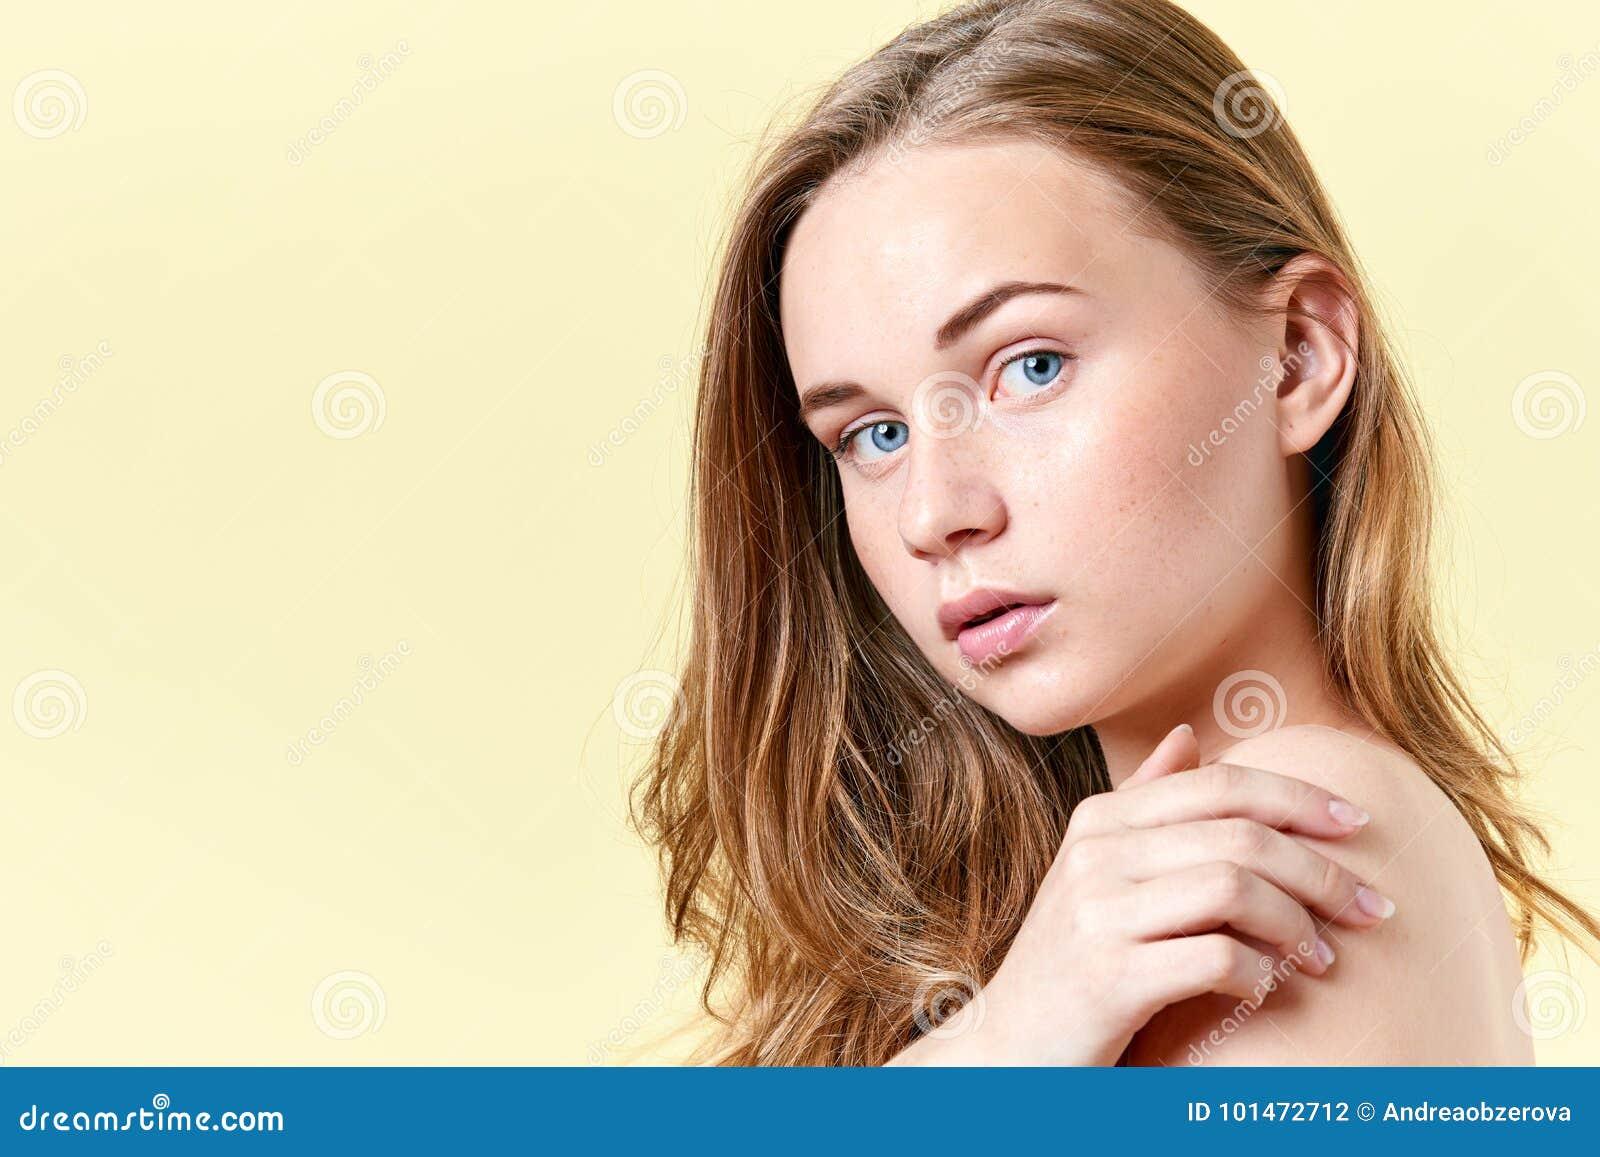 Nudità femminile adolescente